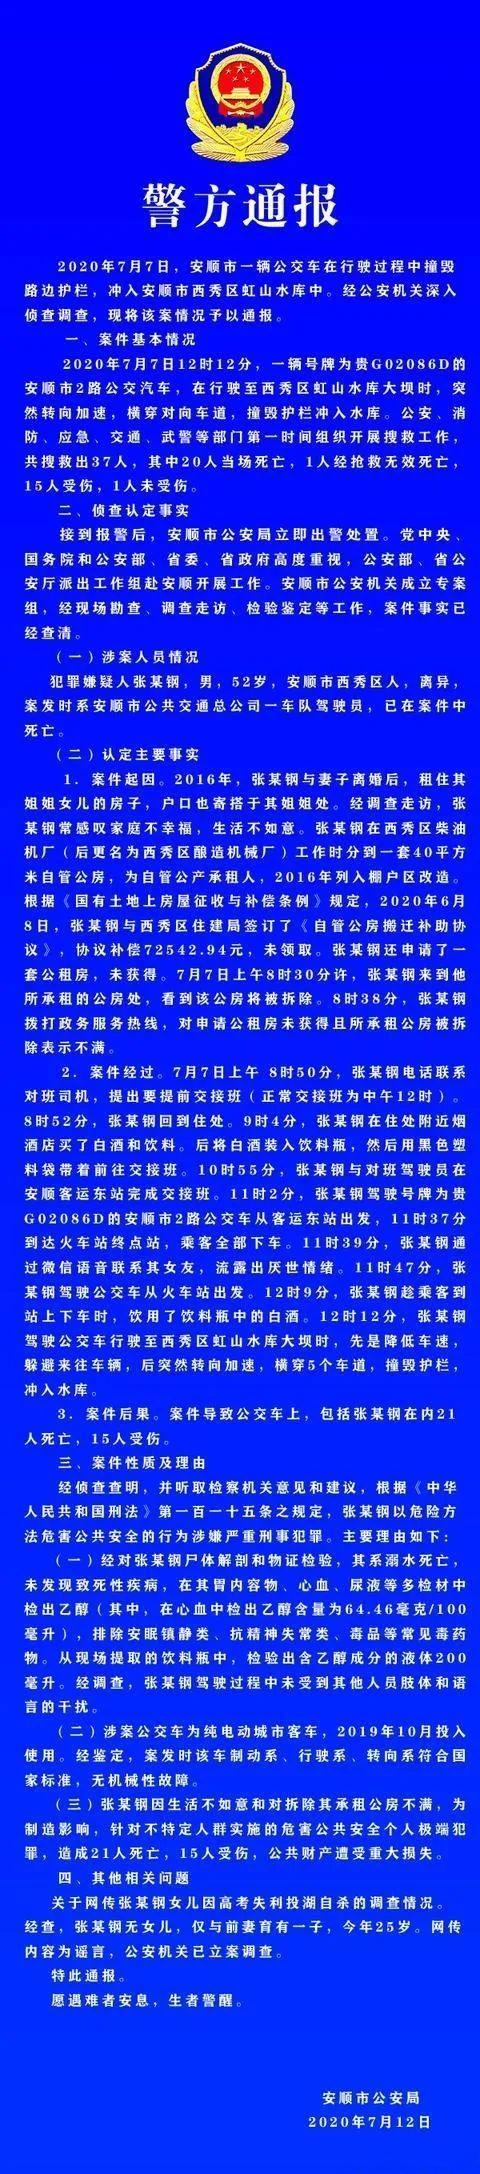 安顺公交坠湖司机尸检结果-中央政法委